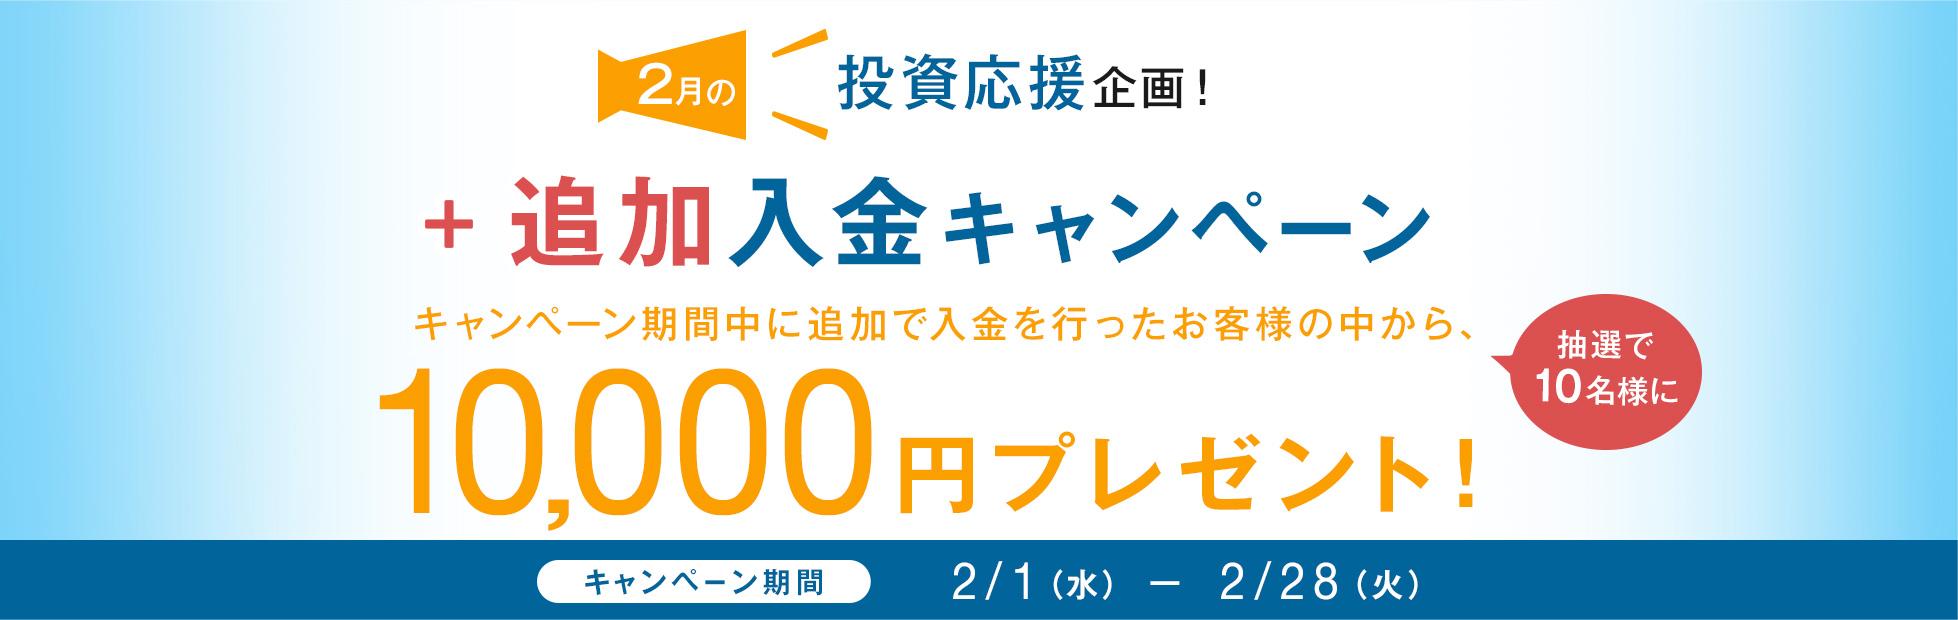 2月の投資応援企画!追加入金キャンペーン